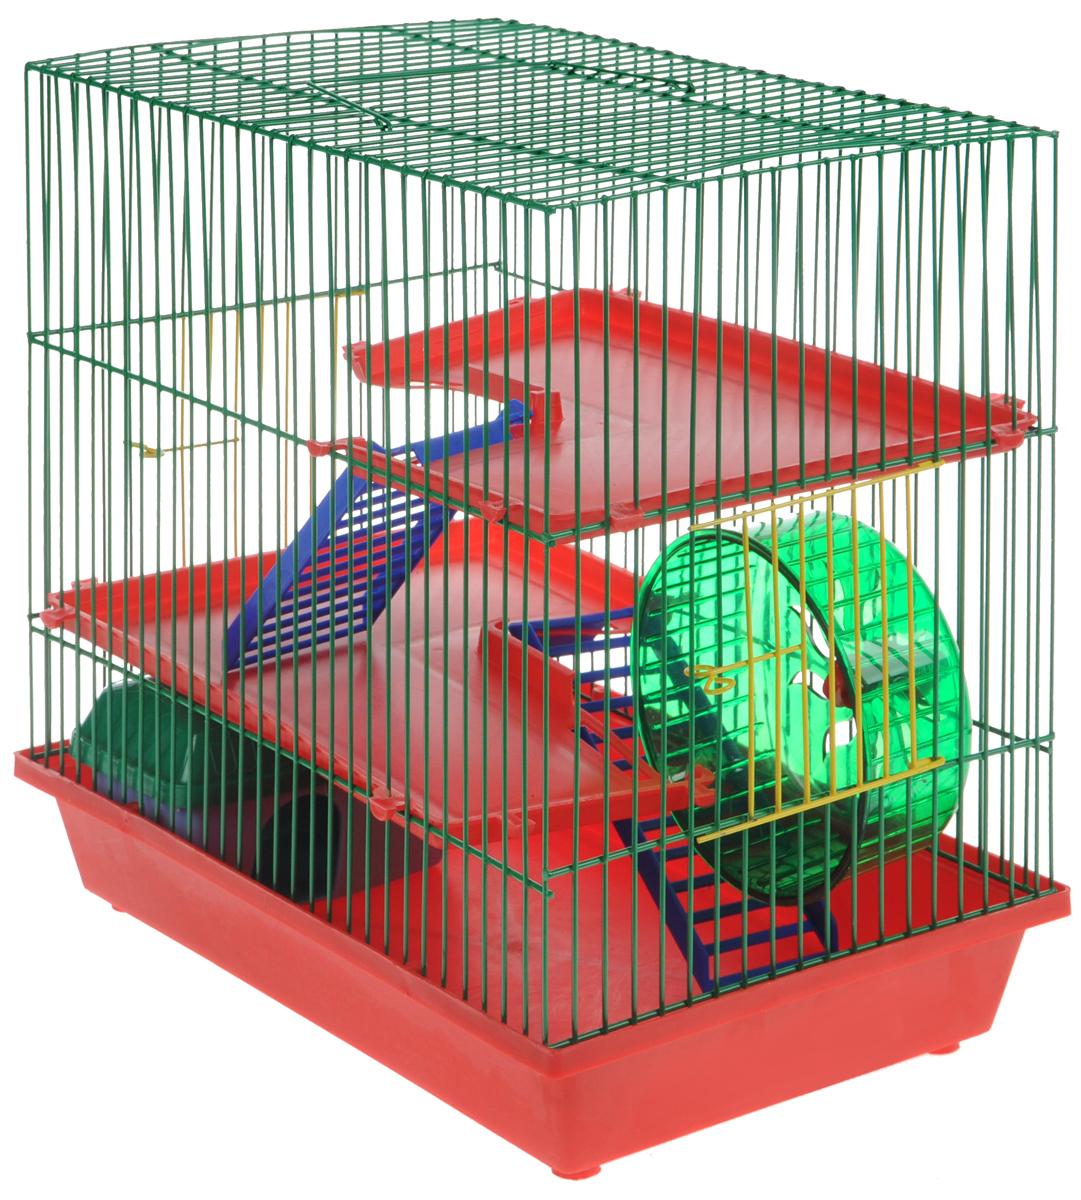 Клетка для грызунов ЗооМарк, 3-этажная, цвет: красный поддон, зеленая решетка, красные этажи, 36 х 22,5 х 34 см. 135135КЗКлетка ЗооМарк, выполненная из полипропилена и металла, подходит для мелких грызунов. Изделие трехэтажное, оборудовано колесом для подвижных игр и пластиковым домиком. Клетка имеет яркий поддон, удобна в использовании и легко чистится. Сверху имеется ручка для переноски. Такая клетка станет уединенным личным пространством и уютным домиком для маленького грызуна.